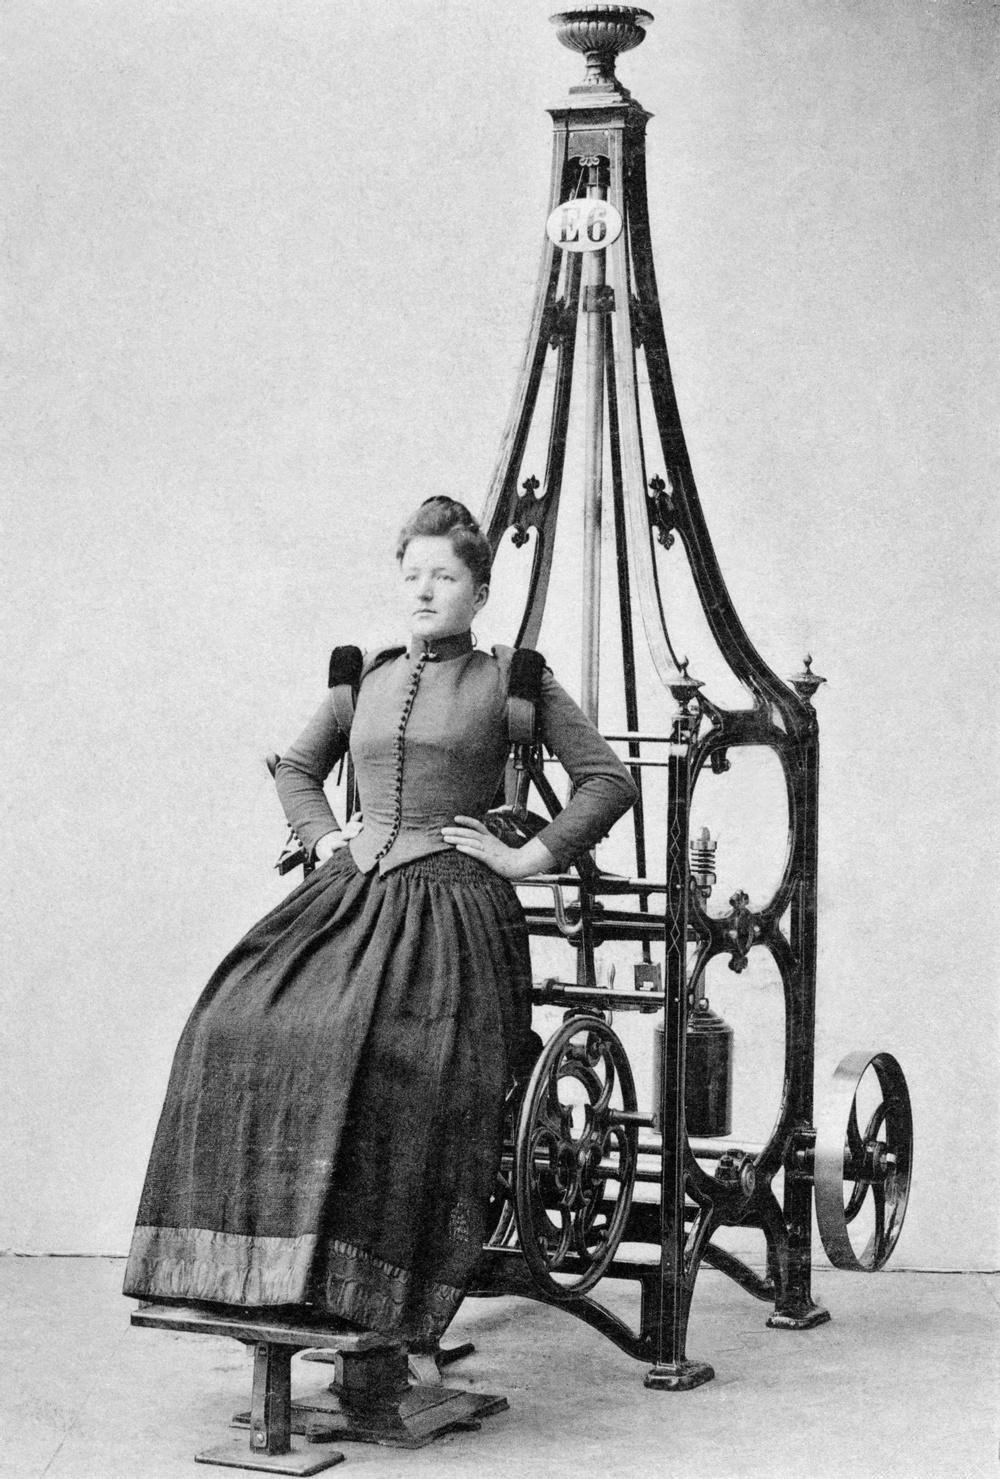 """Gustaf Zanders apparat för """"bröstspänning"""". För ökad blodcirkulation till lungorna.  Bildkälla: Tekniska museet, okänd fotograf."""